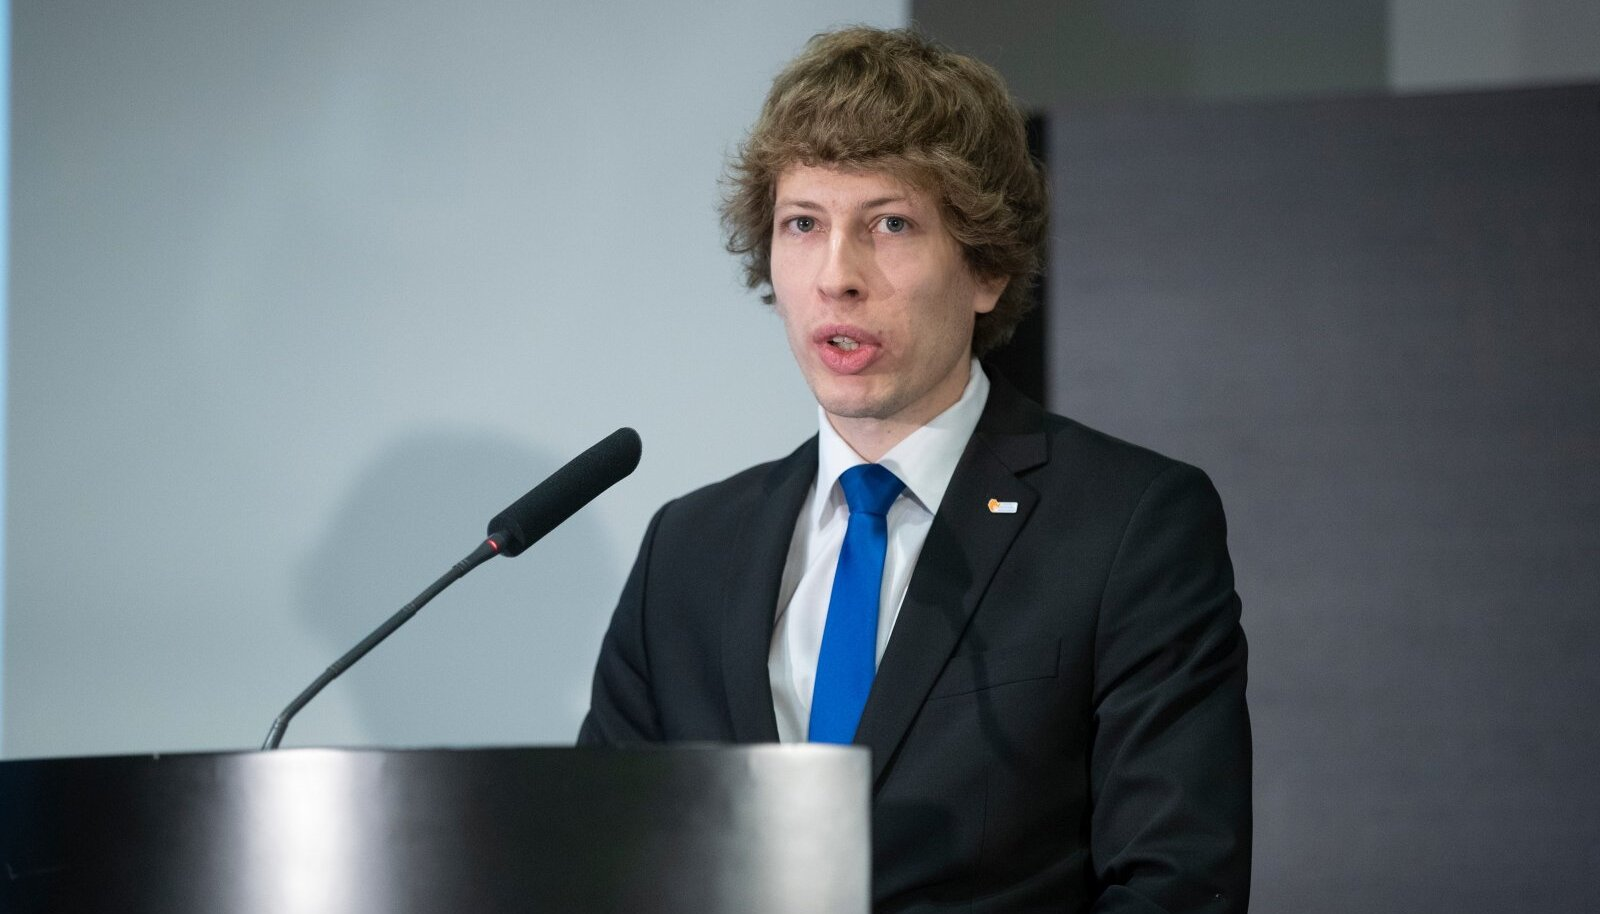 Tööohutuse ja töötervishoiu konverents, Tanel Kiik